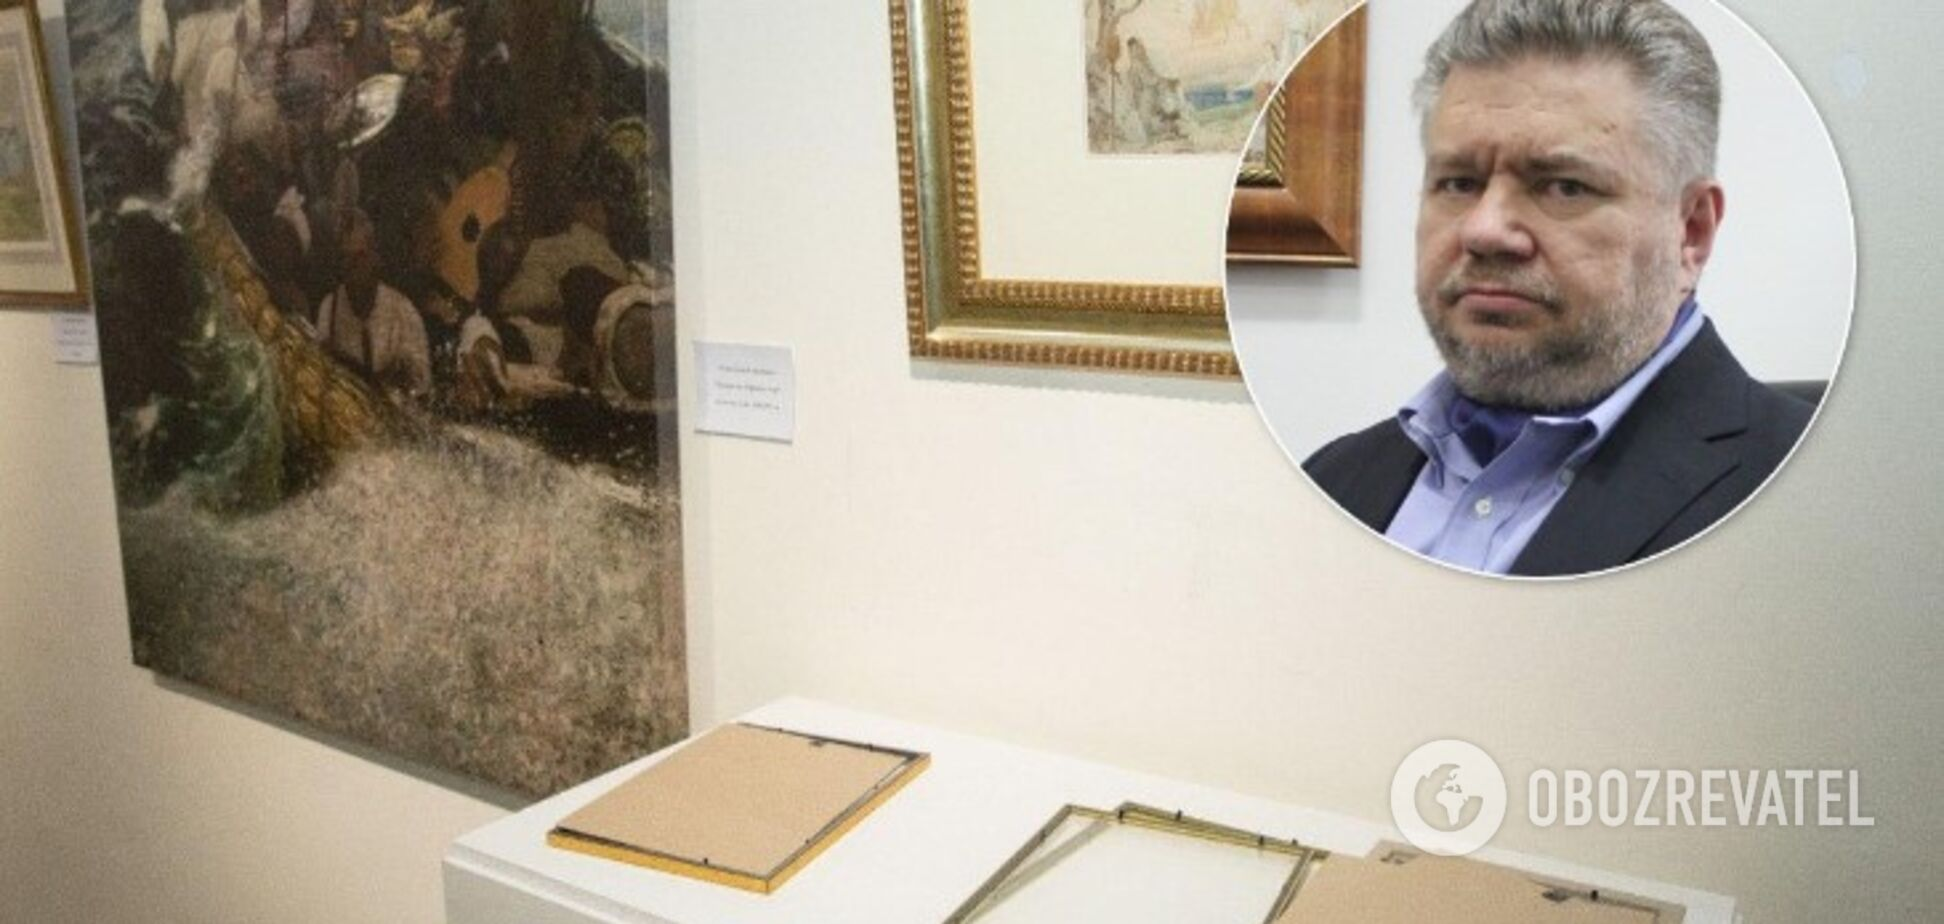 Недействительное удостоверение, незаконное проникновение и похищенные документы: адвокат сообщил детали силового захвата Музея Гончара